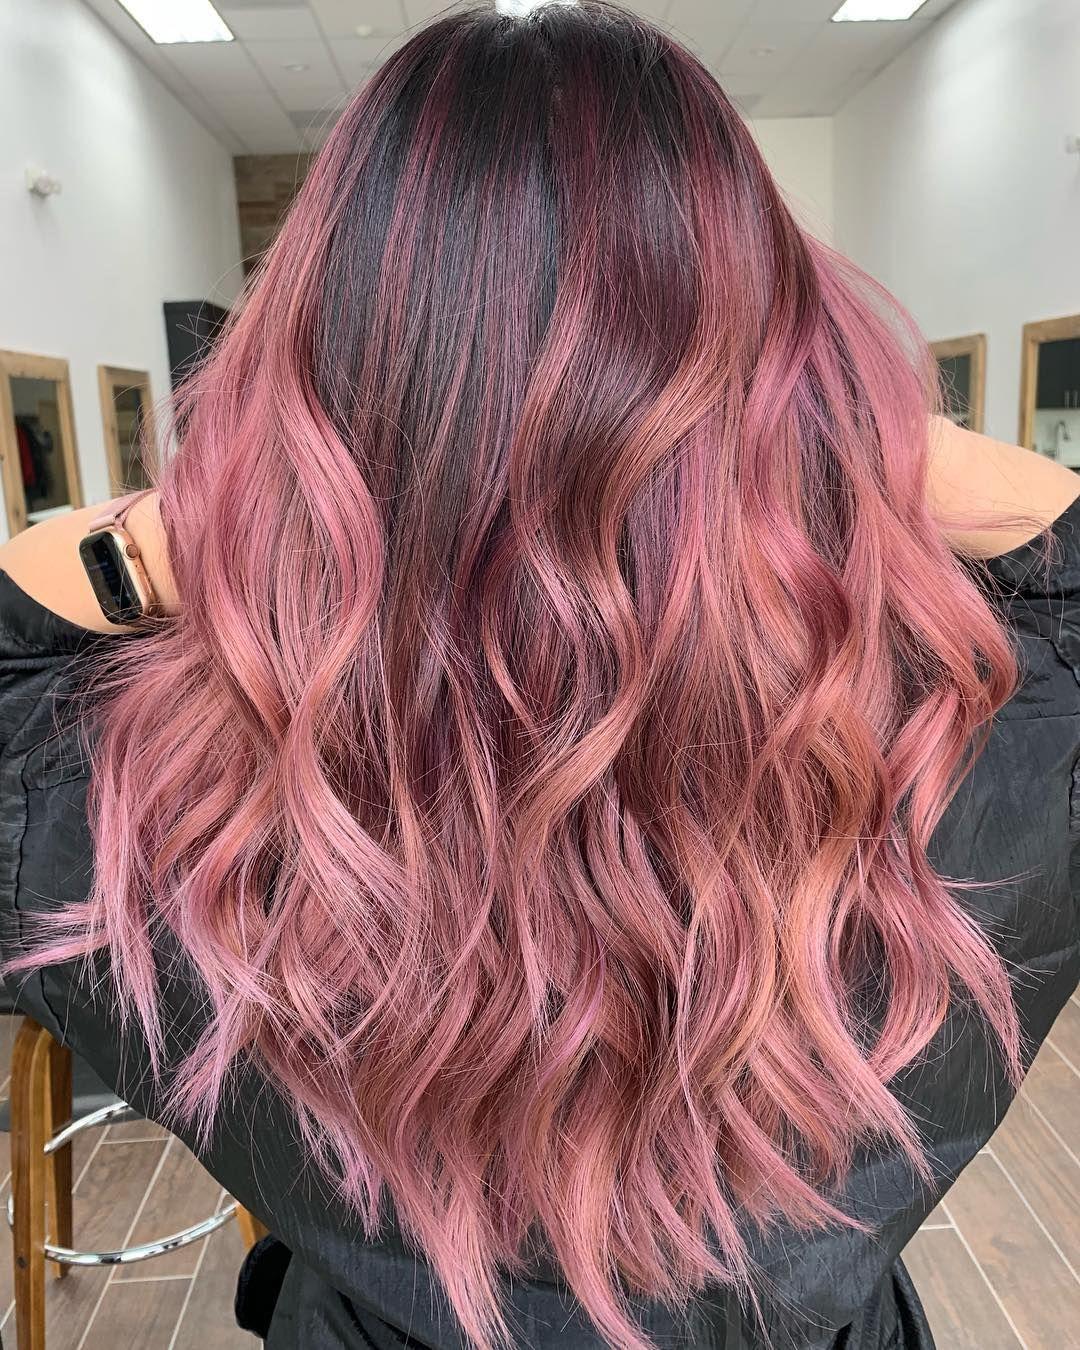 Cores de cabelo 2019: 200 fotos e tendências para um novo visual #cabelo